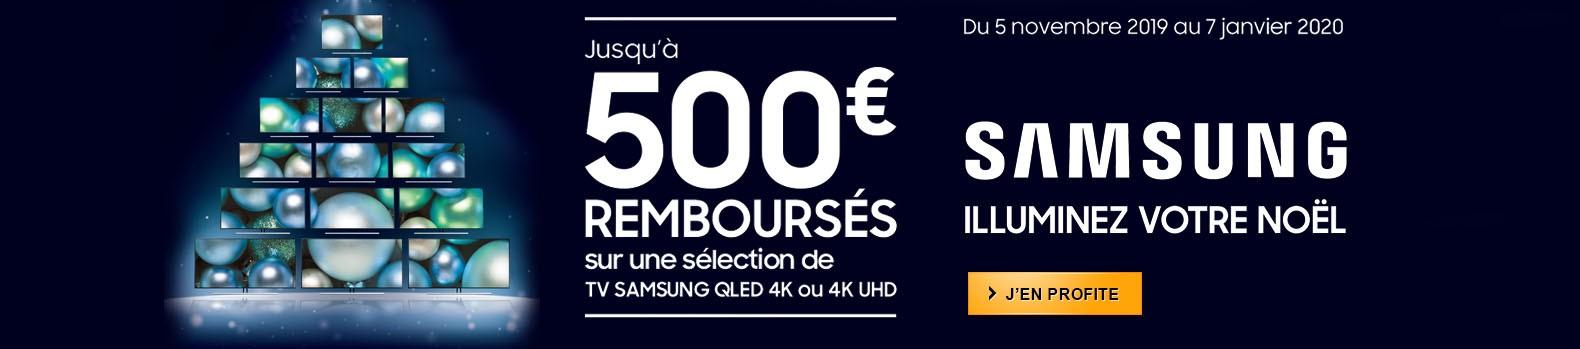 Jusqu'à 500€ remboursés pour l'achat d'un téléviseur QLED Samsung